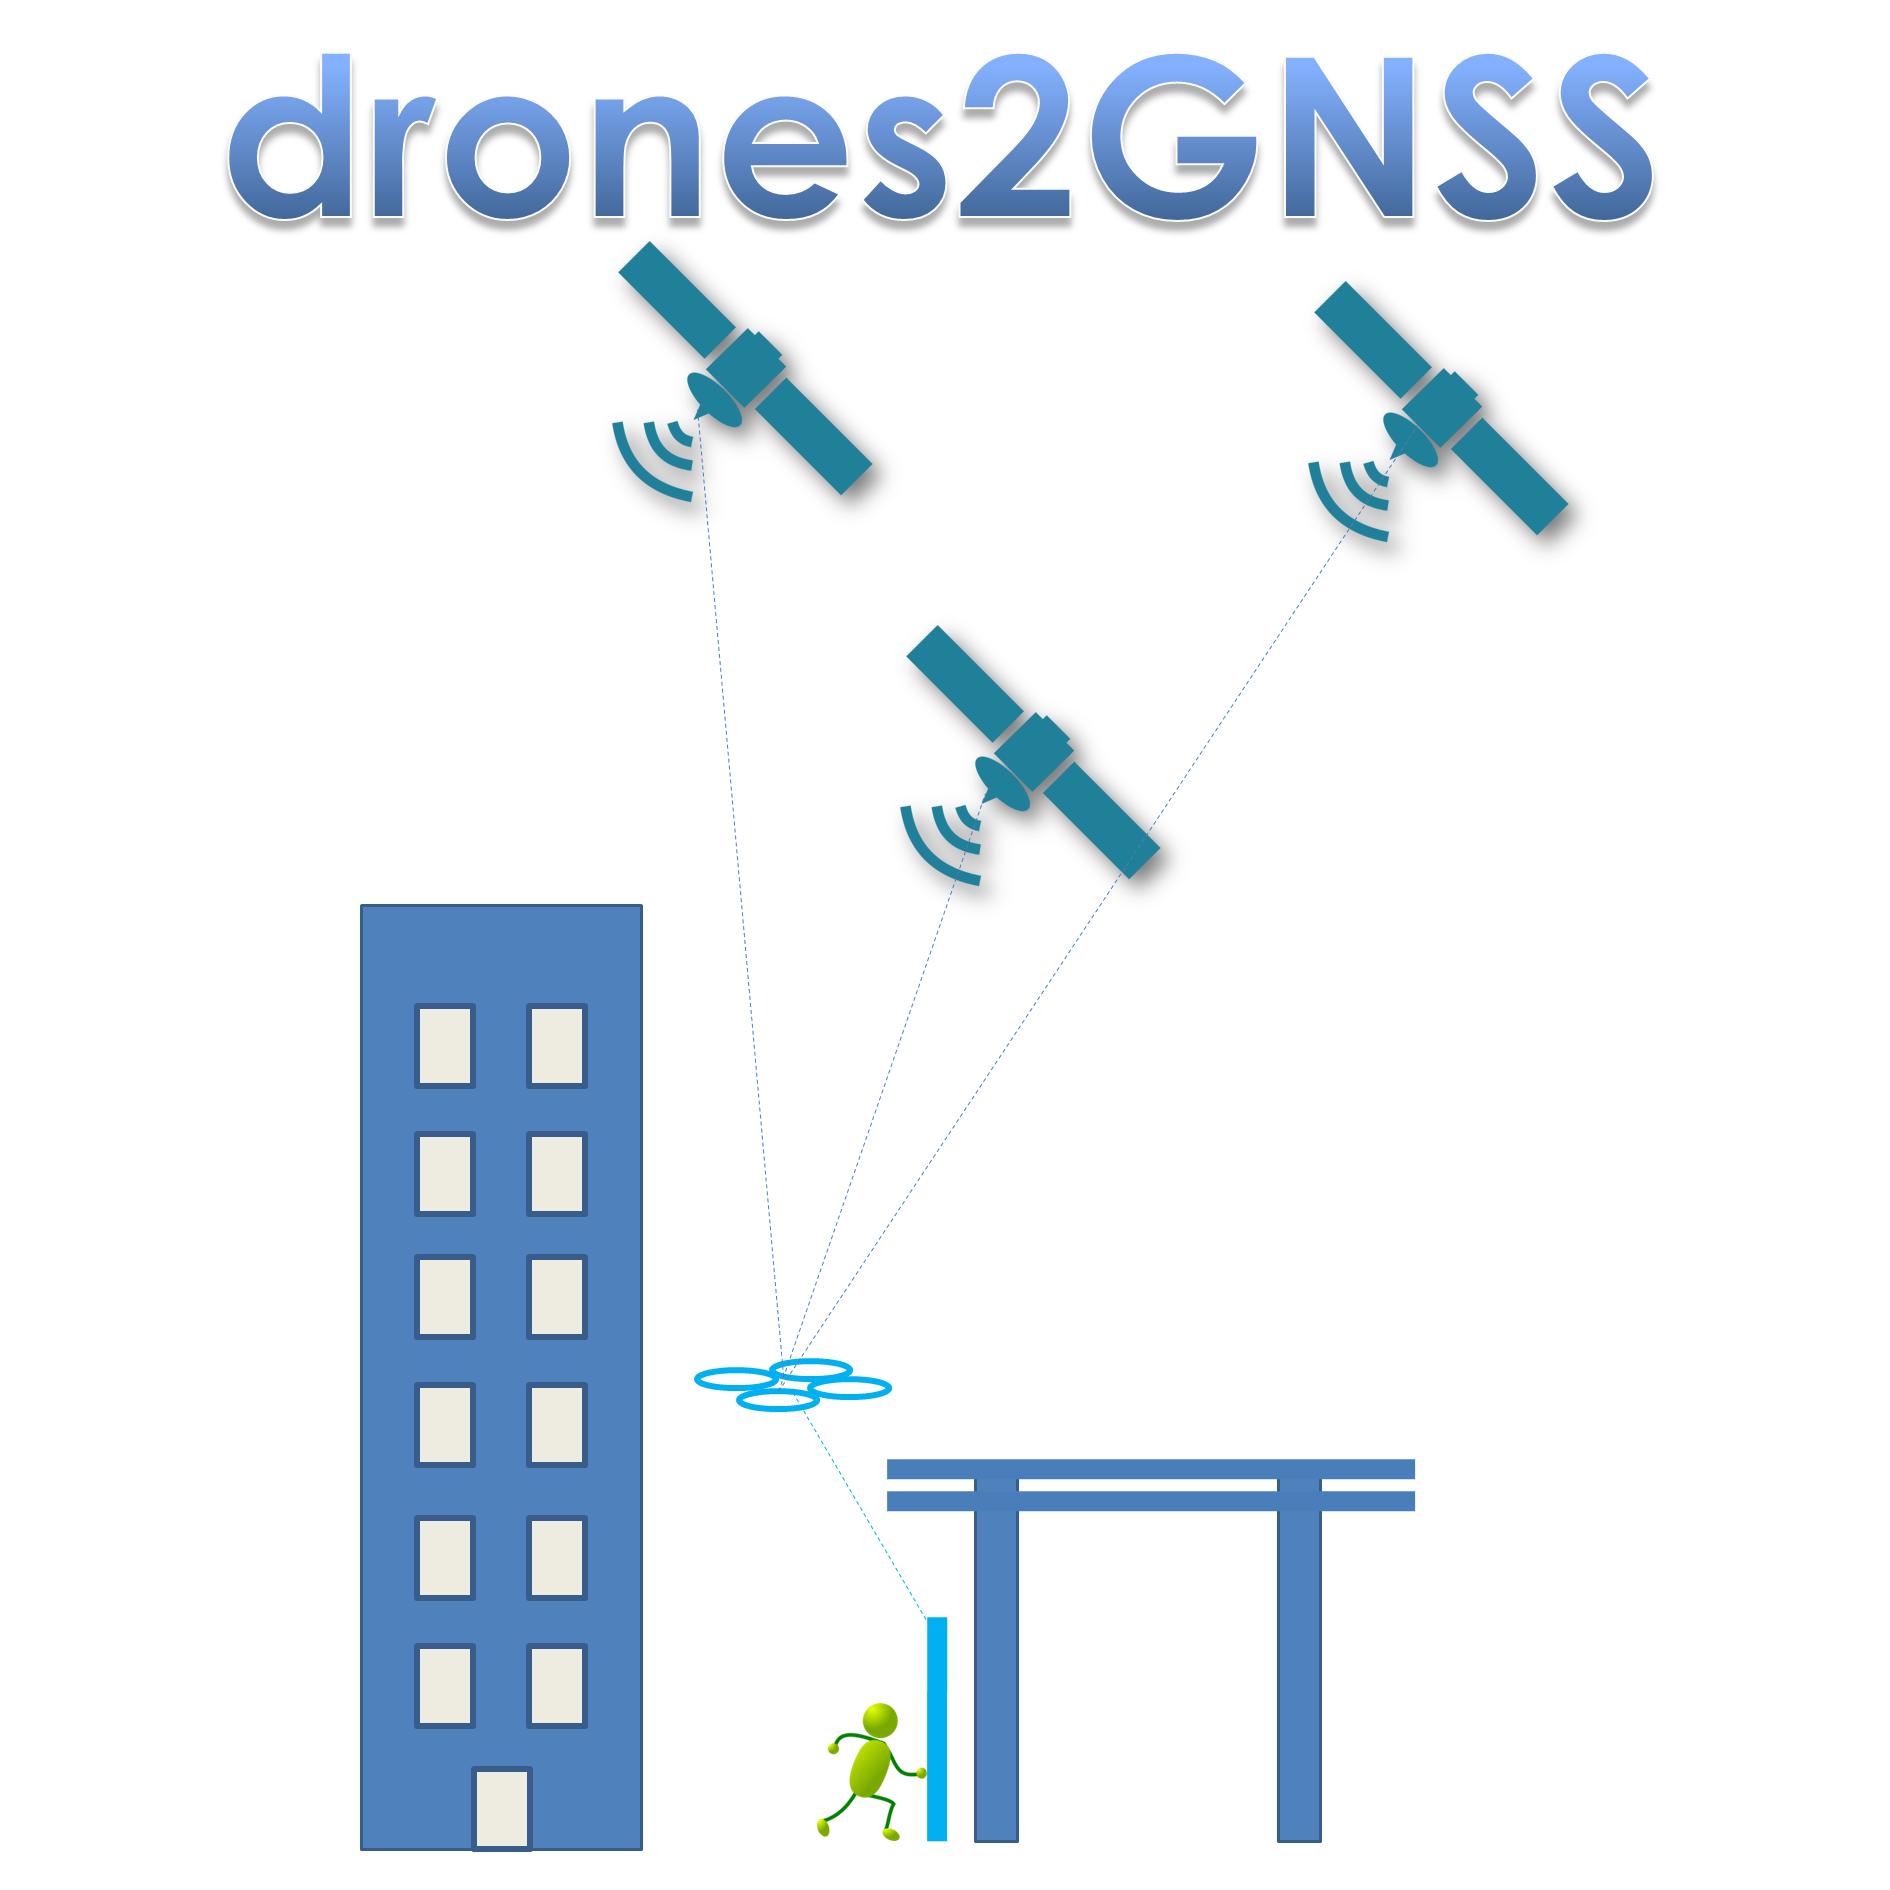 Λογότυπο Έργου Drone2GNSS